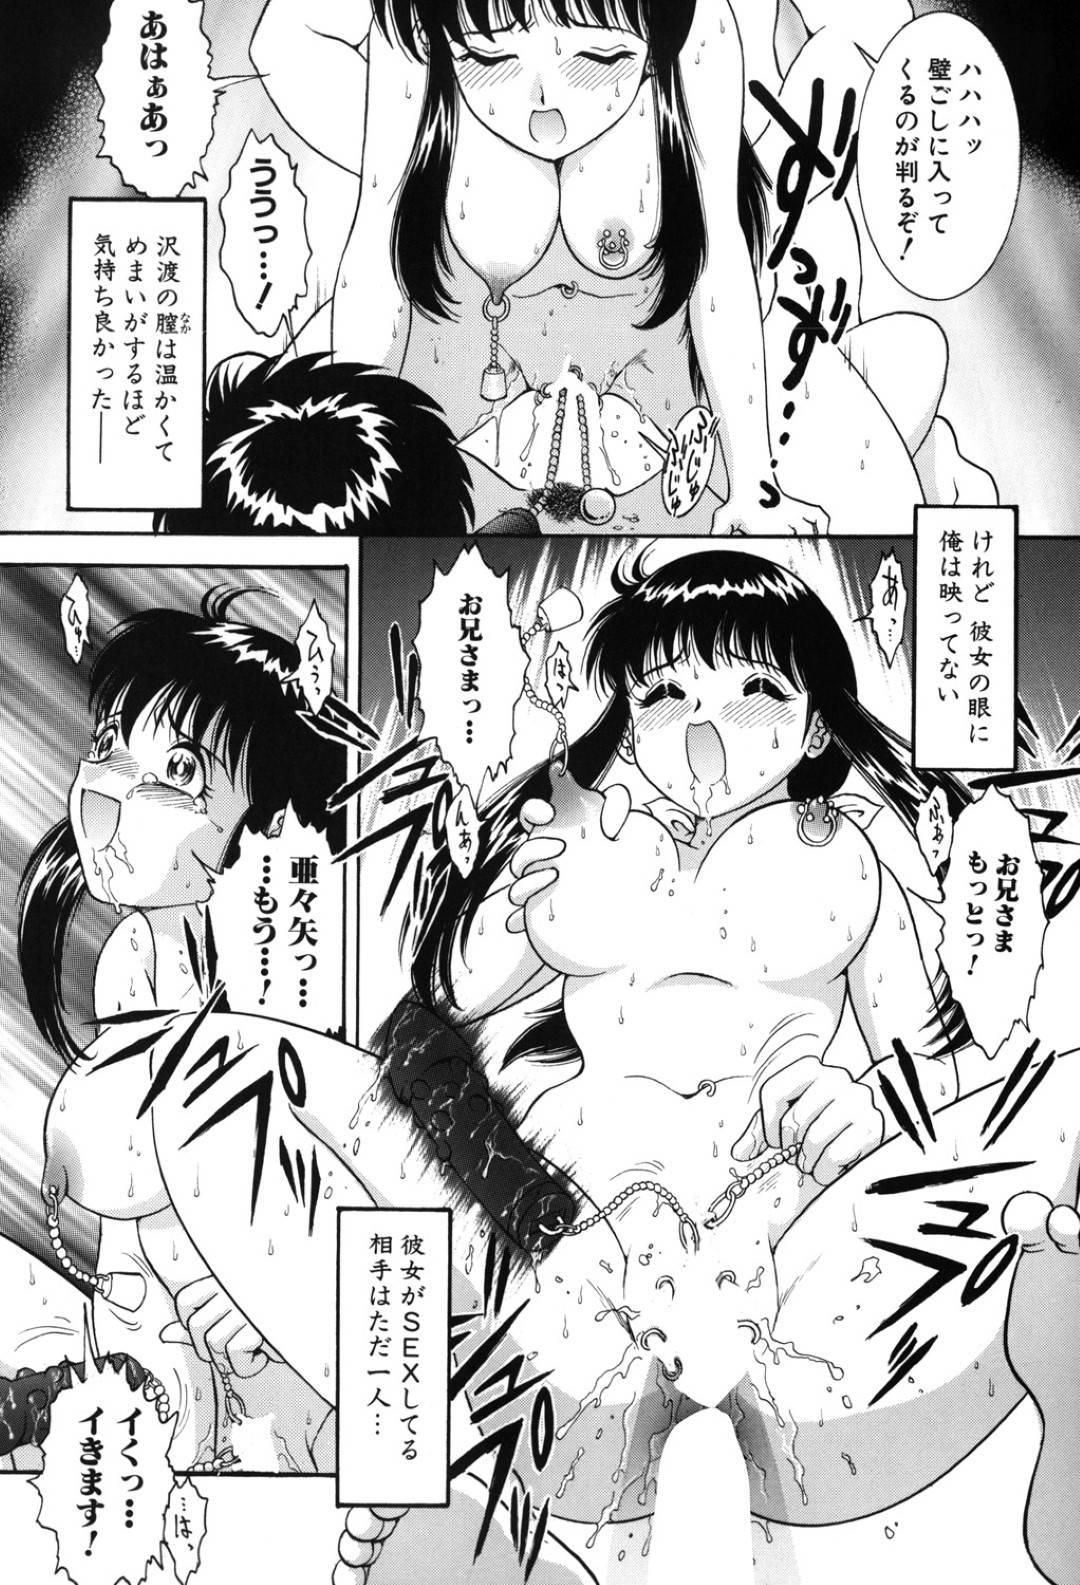 【エロ漫画】告白してくれた男子に兄から受ける調教姿を見せる妹…乳首ピアスを着けられバイブで潮吹きしているところを見られながら絶頂!【YASKA】